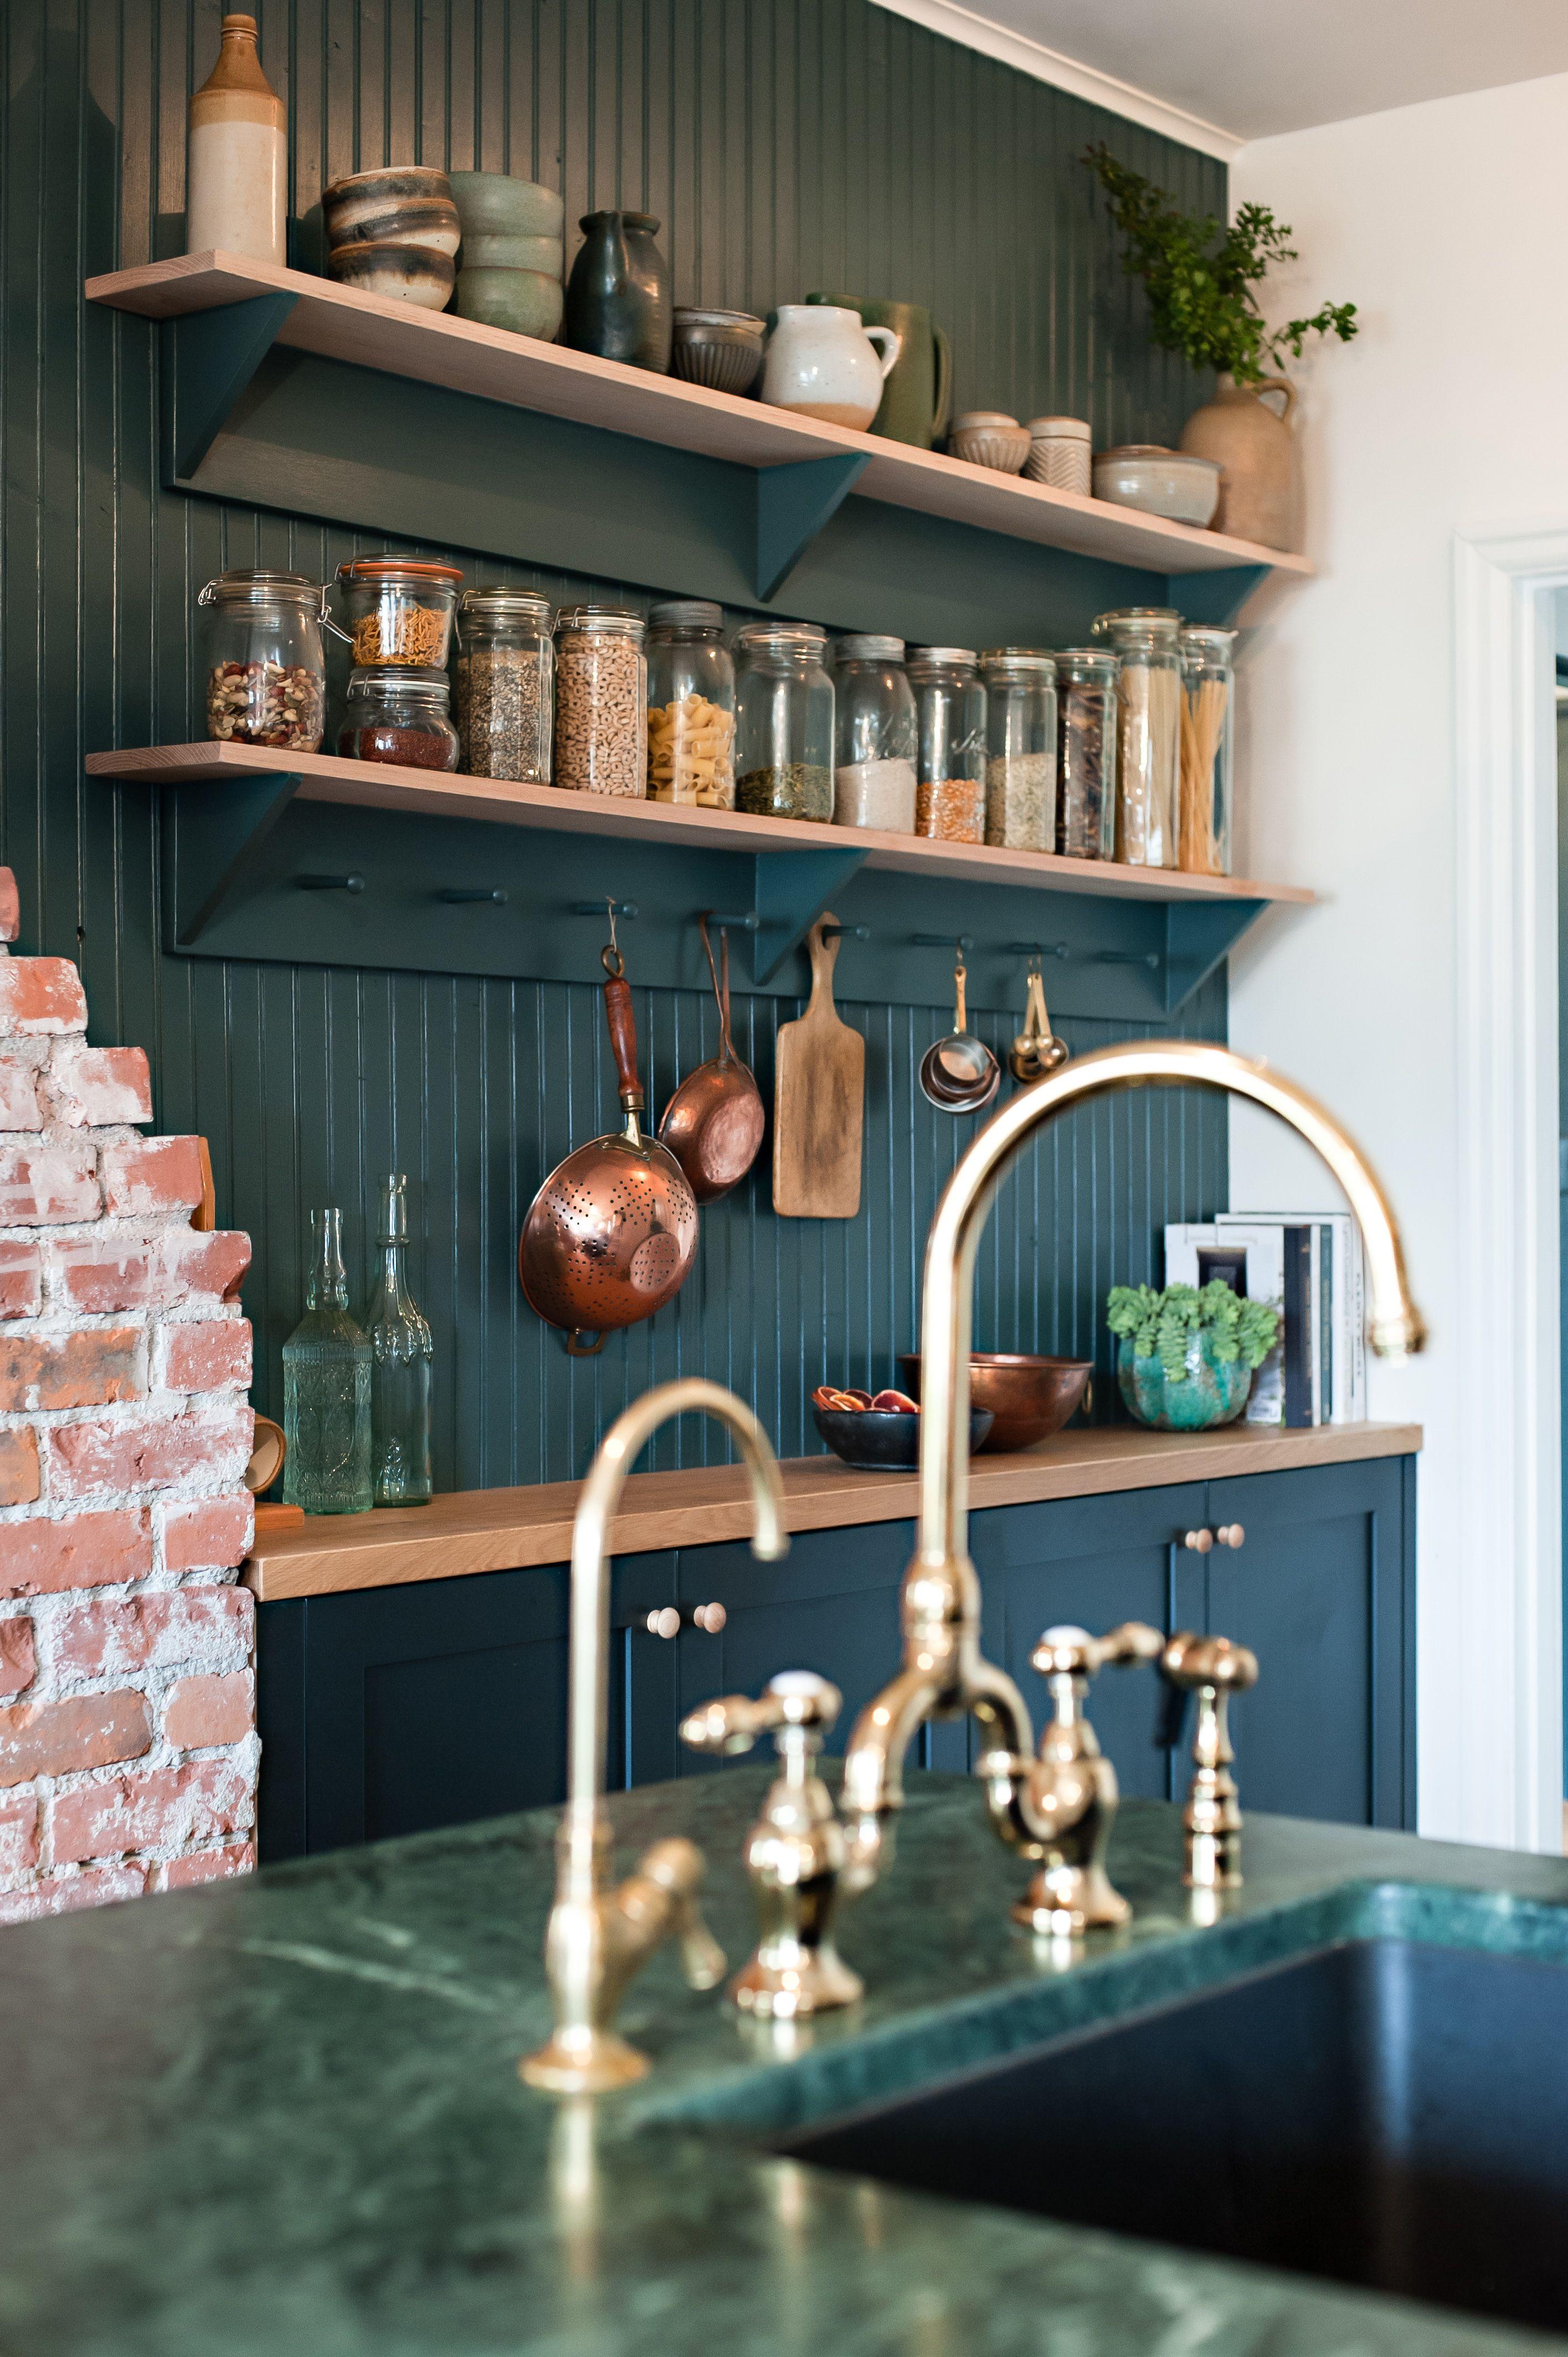 Kitchen Design Style Pantry Kitchen Design Styles Copper Kitchen Accessories Kitchen Design